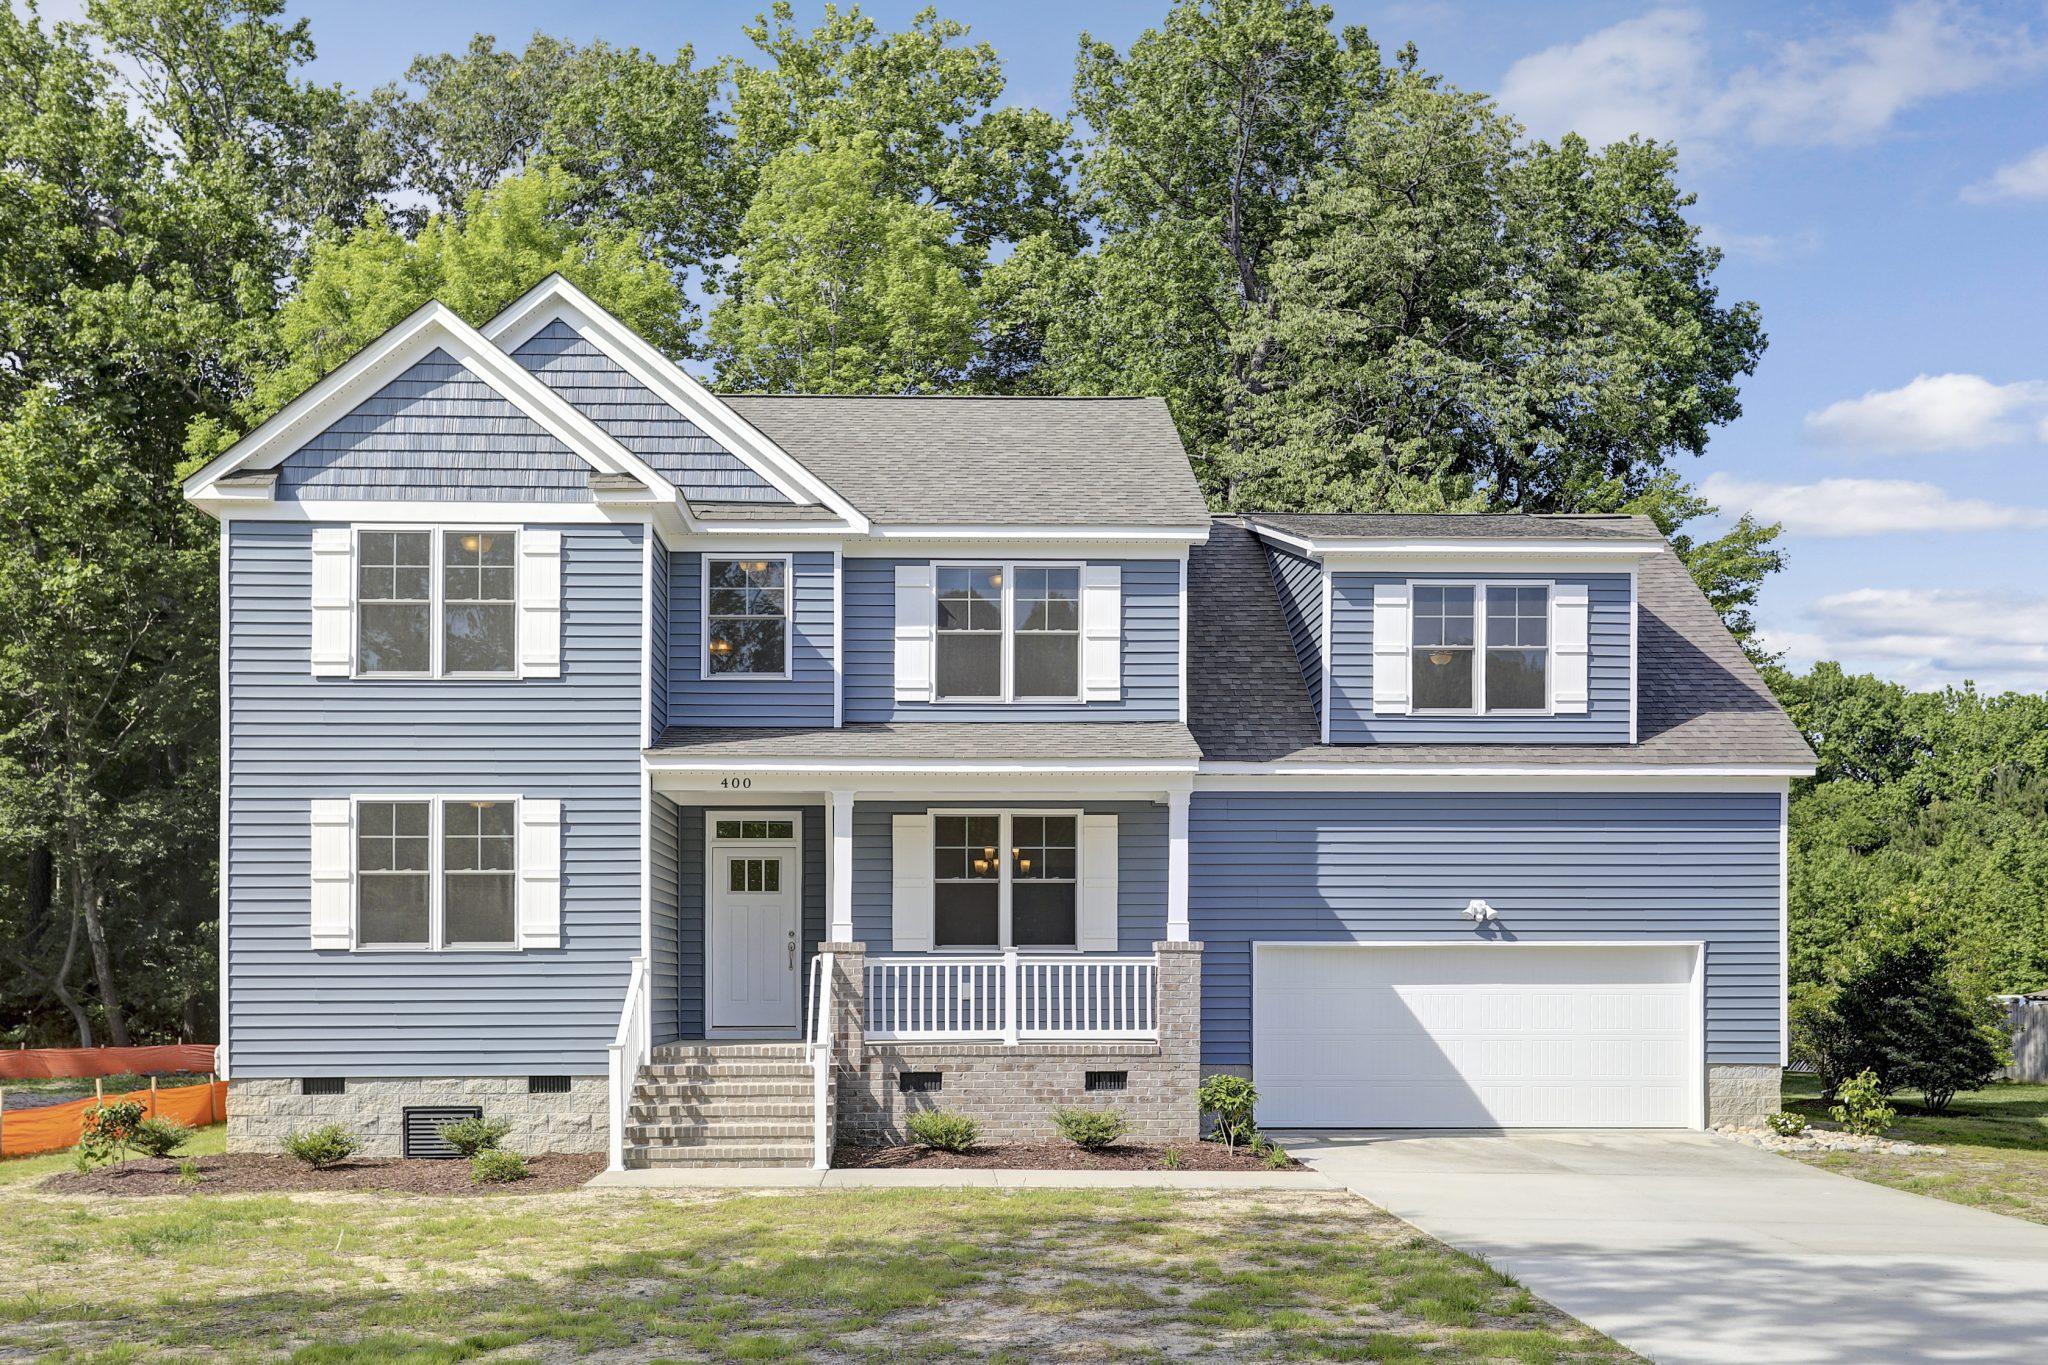 300 Firby Road, Yorktown, Virginia 23693